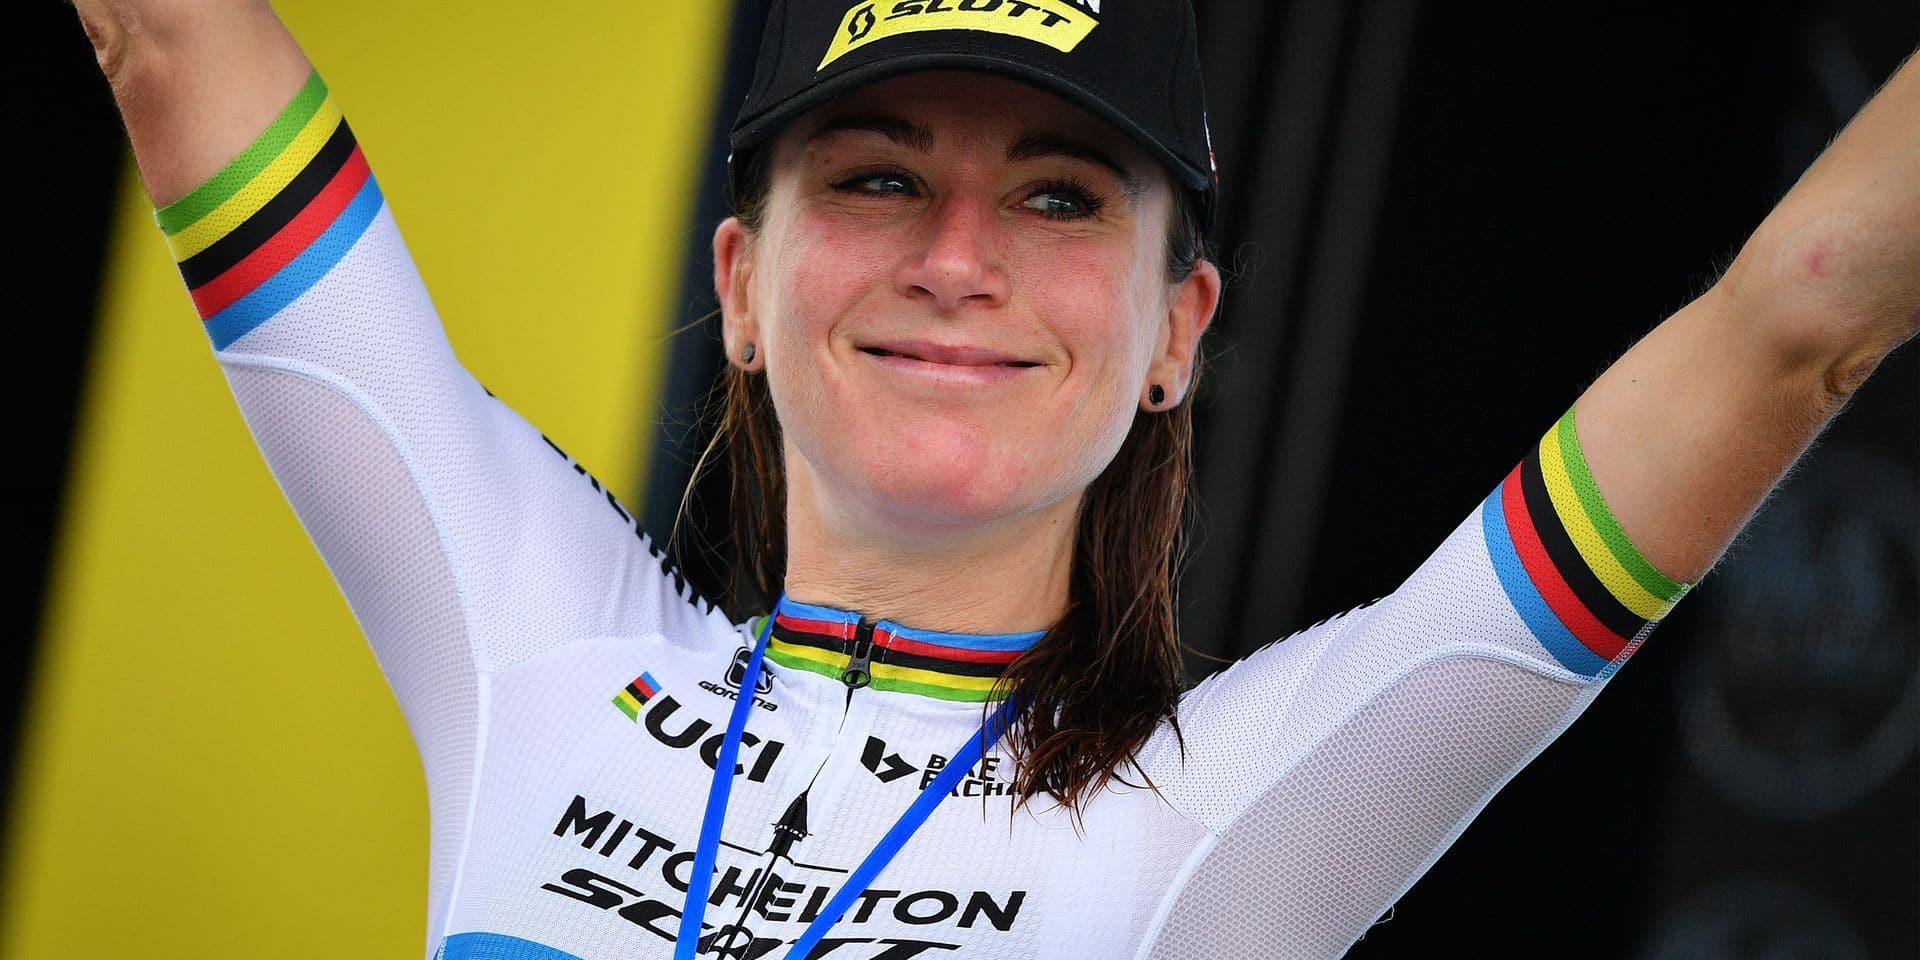 Mondial dames: Annemiek Van Vleuten peut-elle reconduire son titre ?